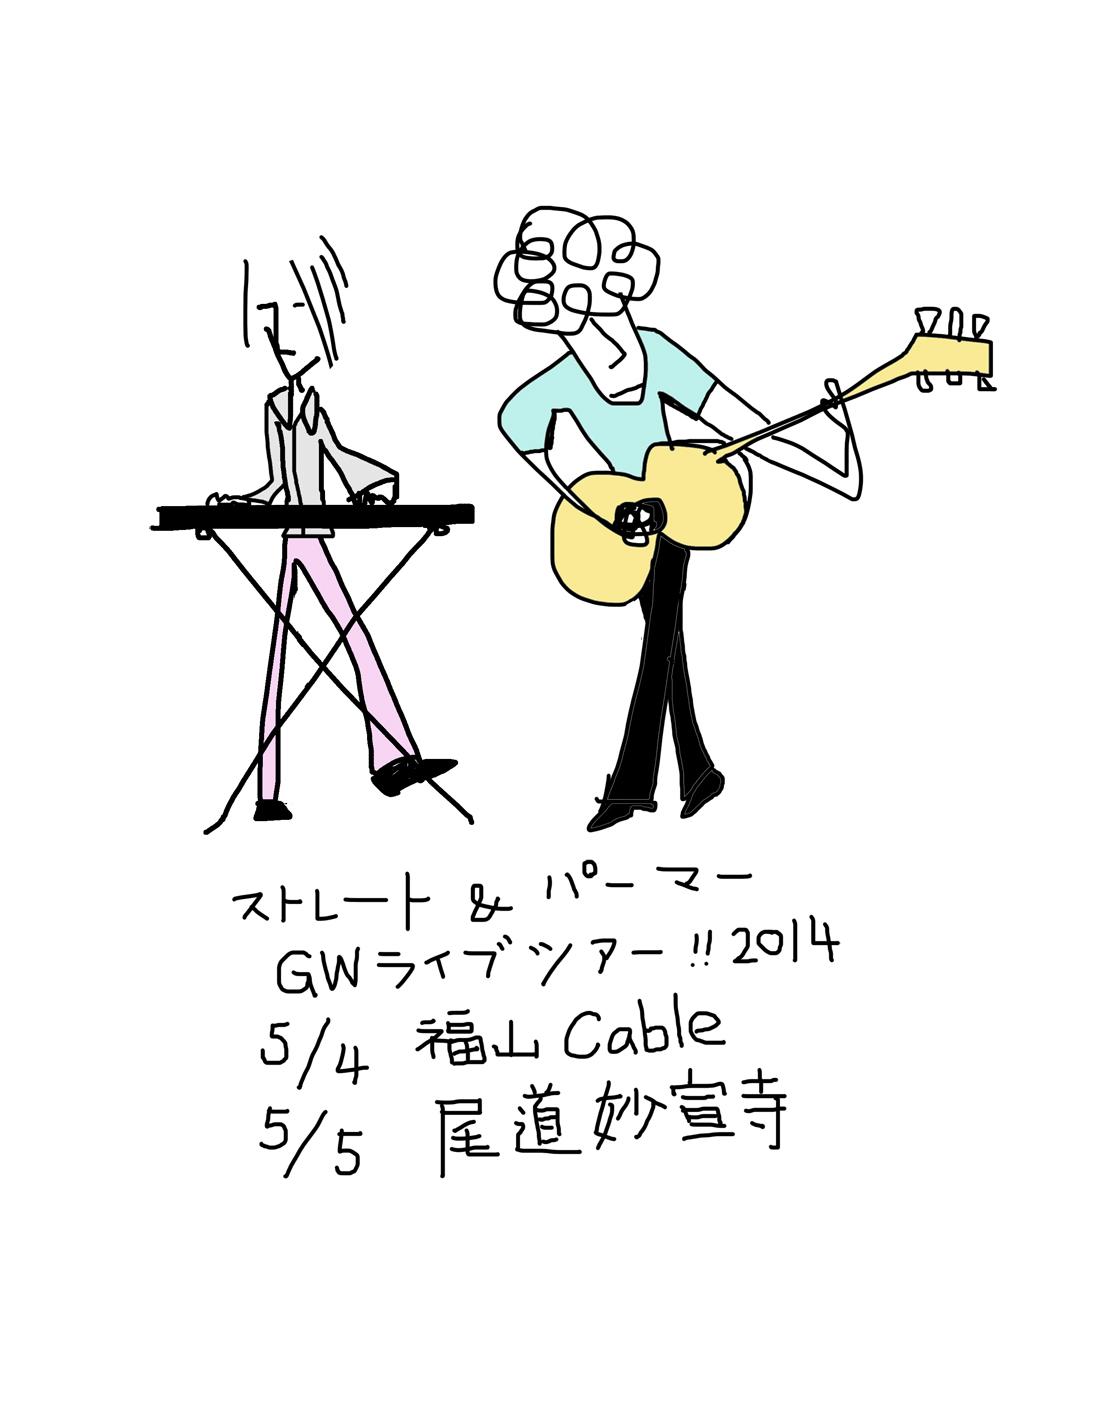 福山ケーブルライブ